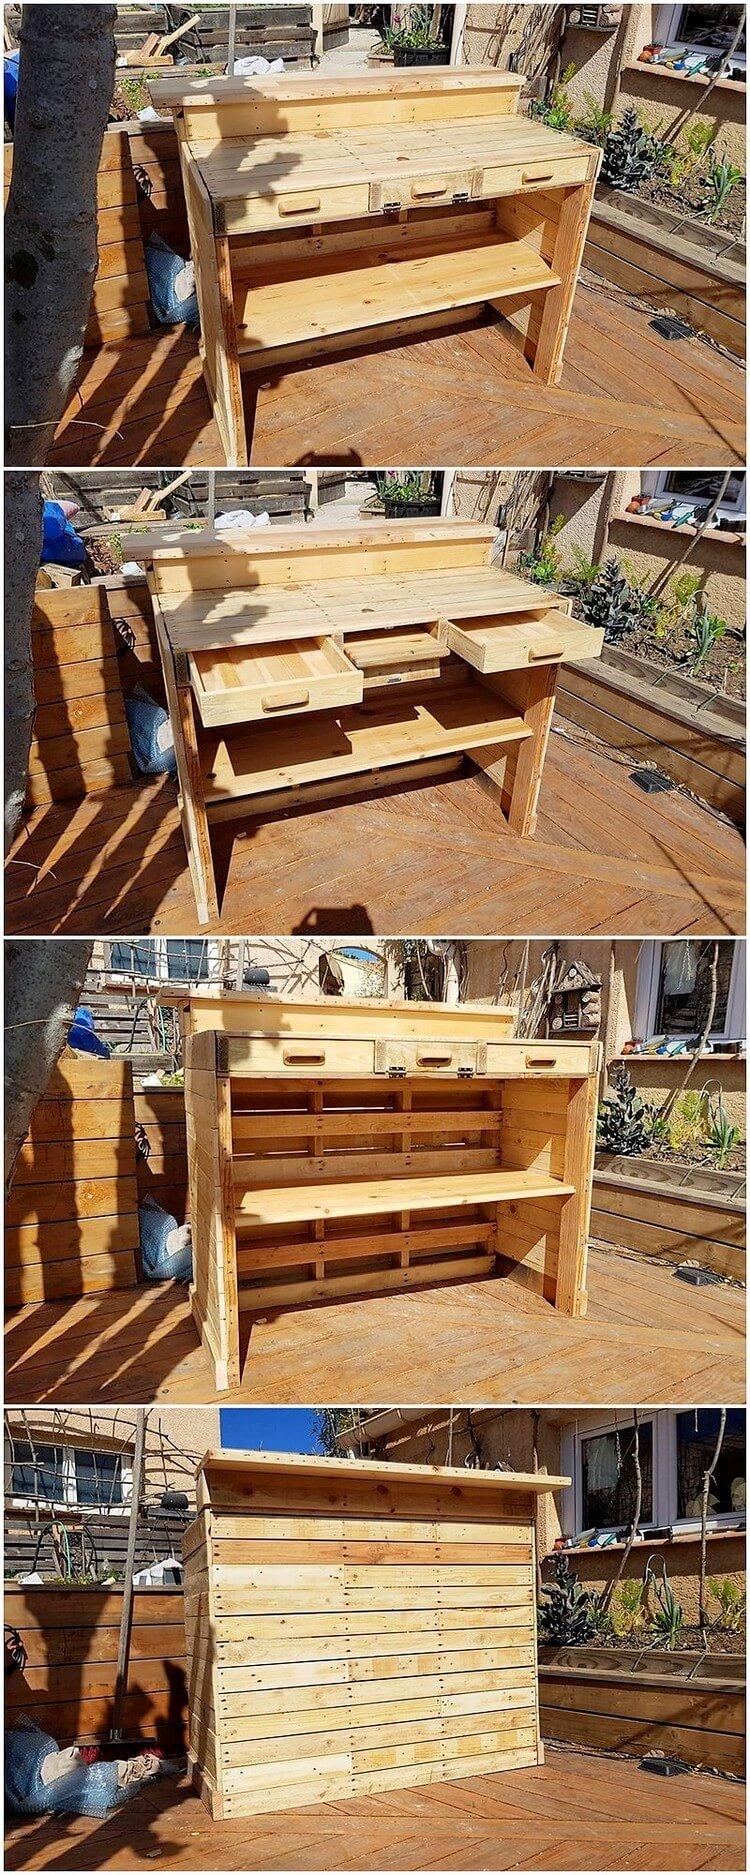 Pallet Desk or Table